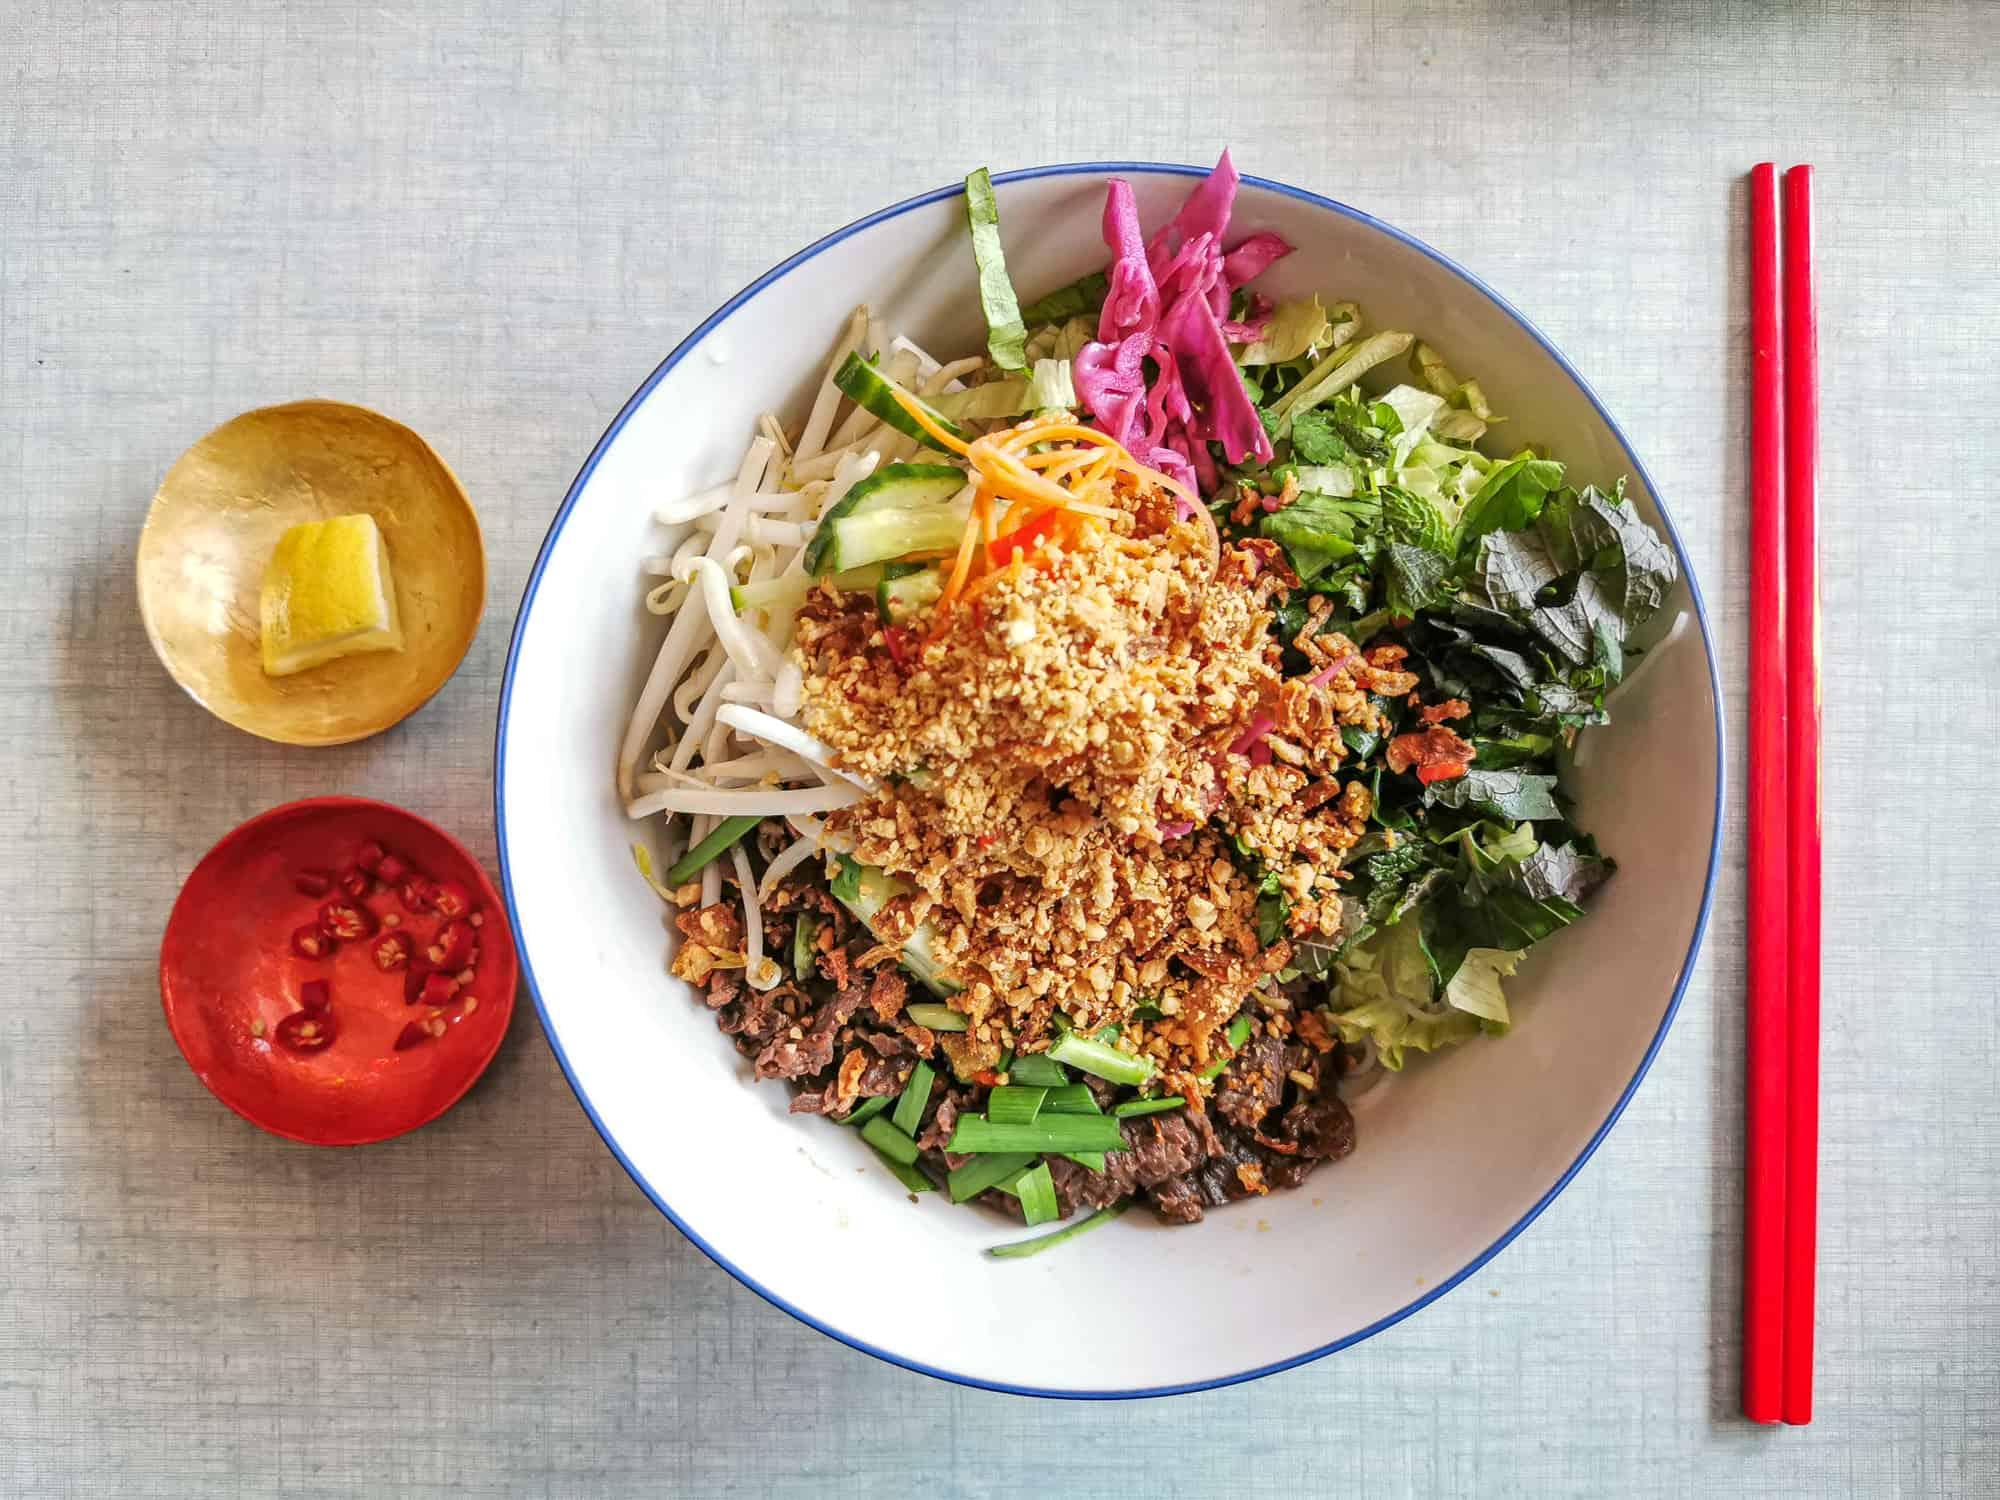 ca-phe-broc-ouest-restaurant-vietnamien-paris-14-bouiboui-31